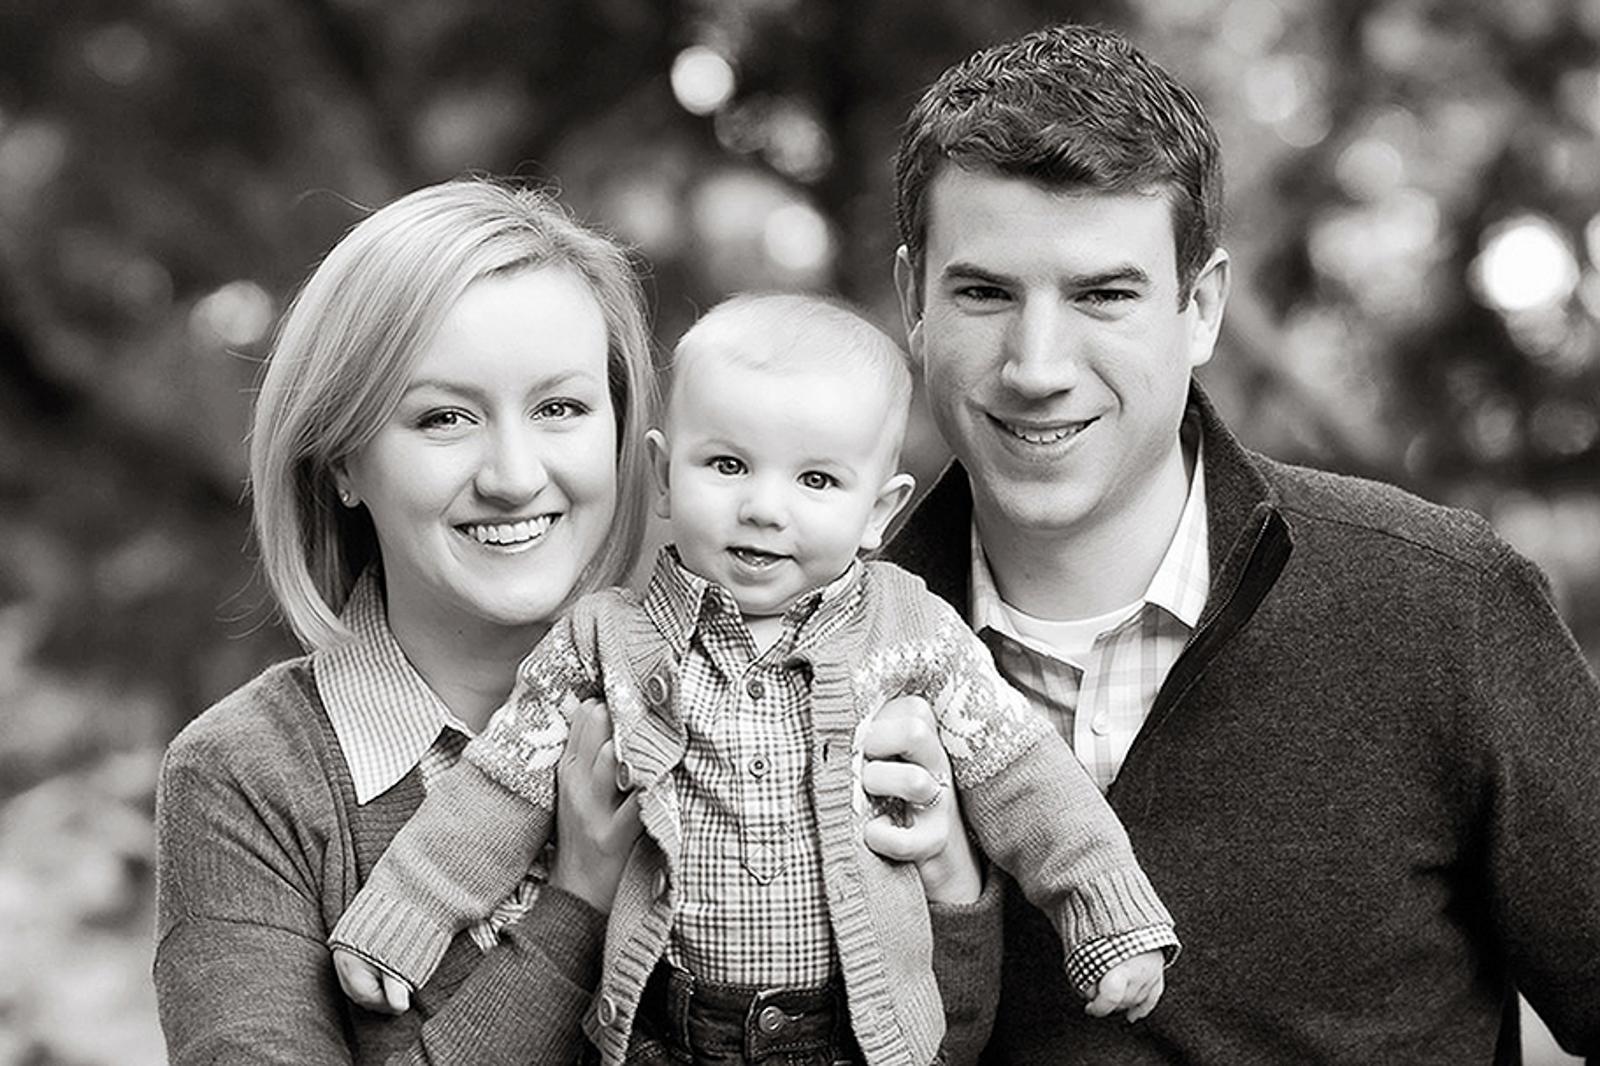 family-outdoors-light-portraits-109.JPG